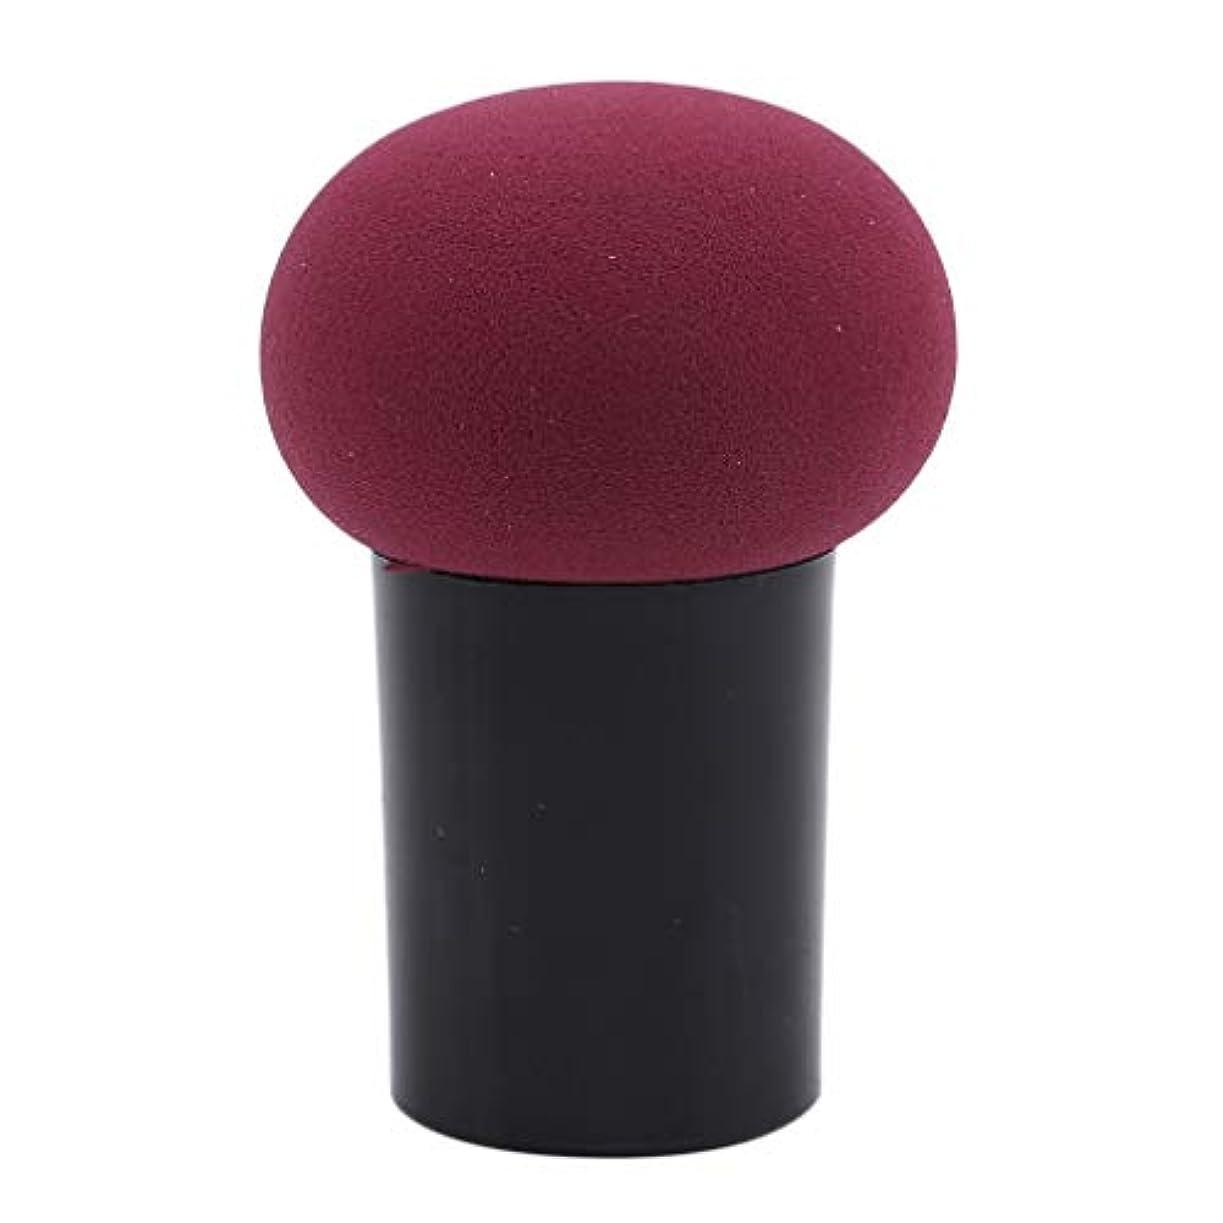 気づかない品ブーストHKUN スポンジパフ 化粧パフ ケース付き きのこ形 使いやすい マッシュルーム型 メイク用 乾湿両用 美容ツール オシャレ ワインレッド